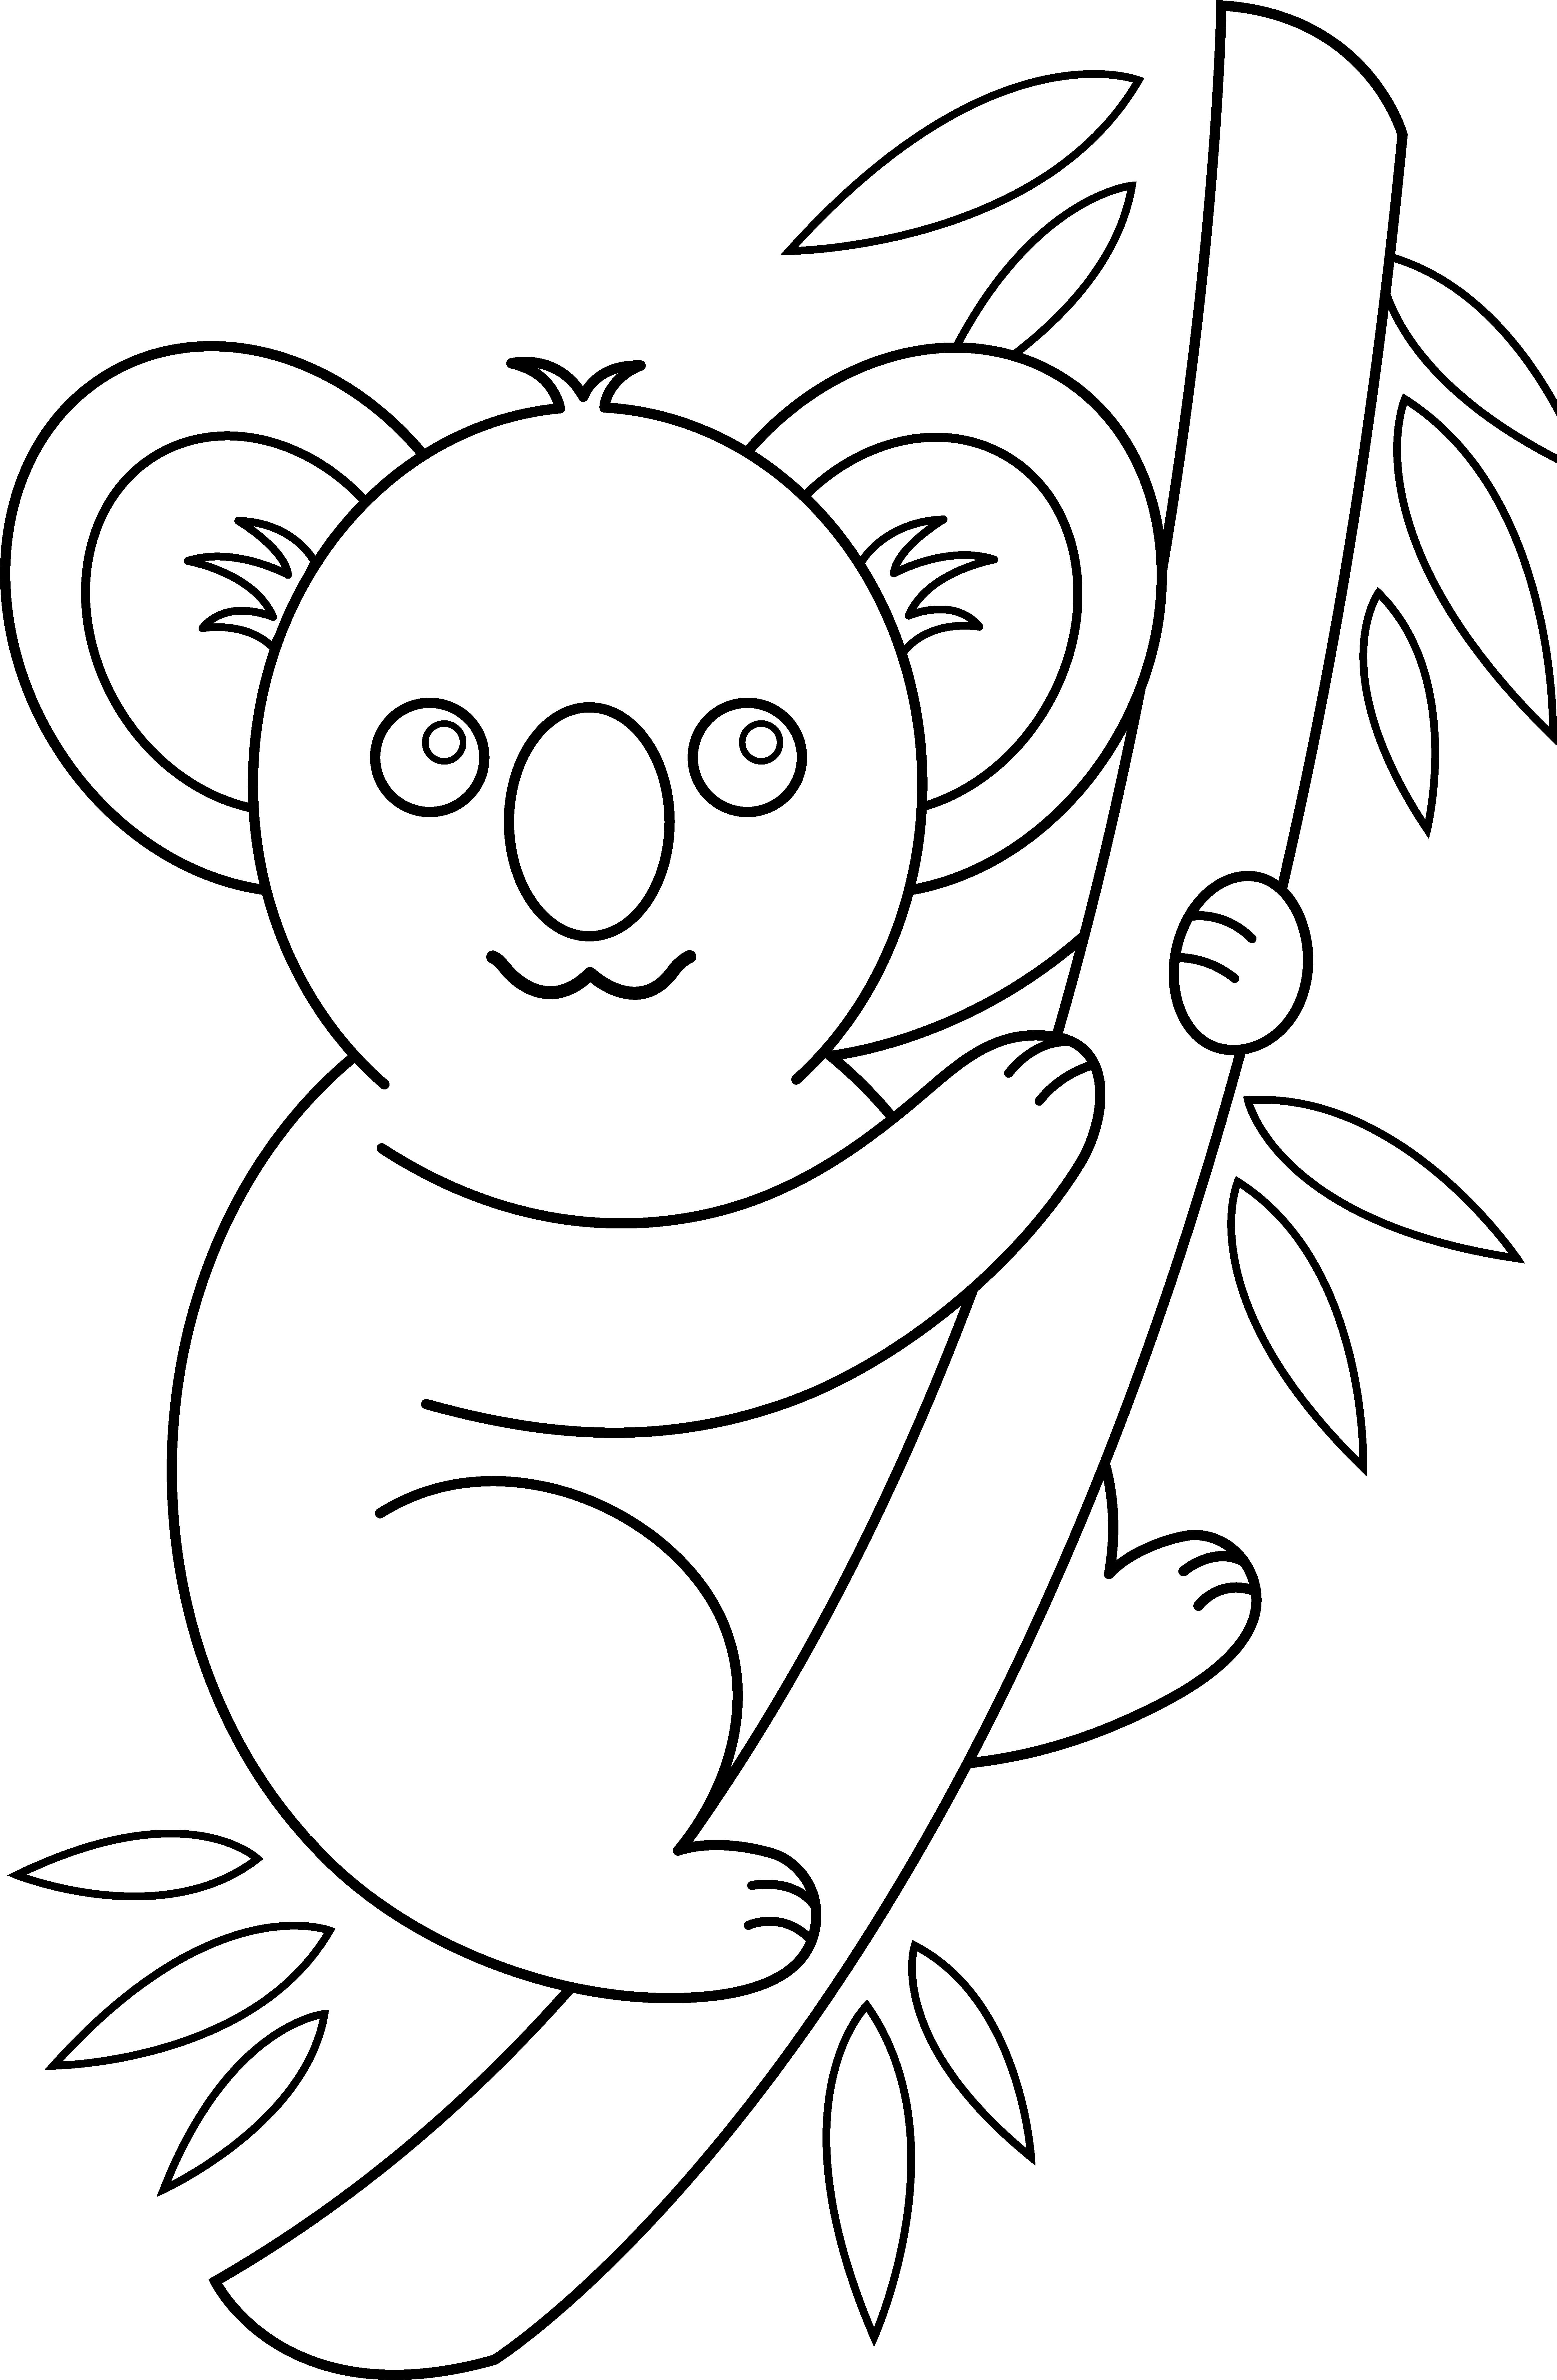 Coloriage Koala #9361 (Animaux) - Album de coloriages